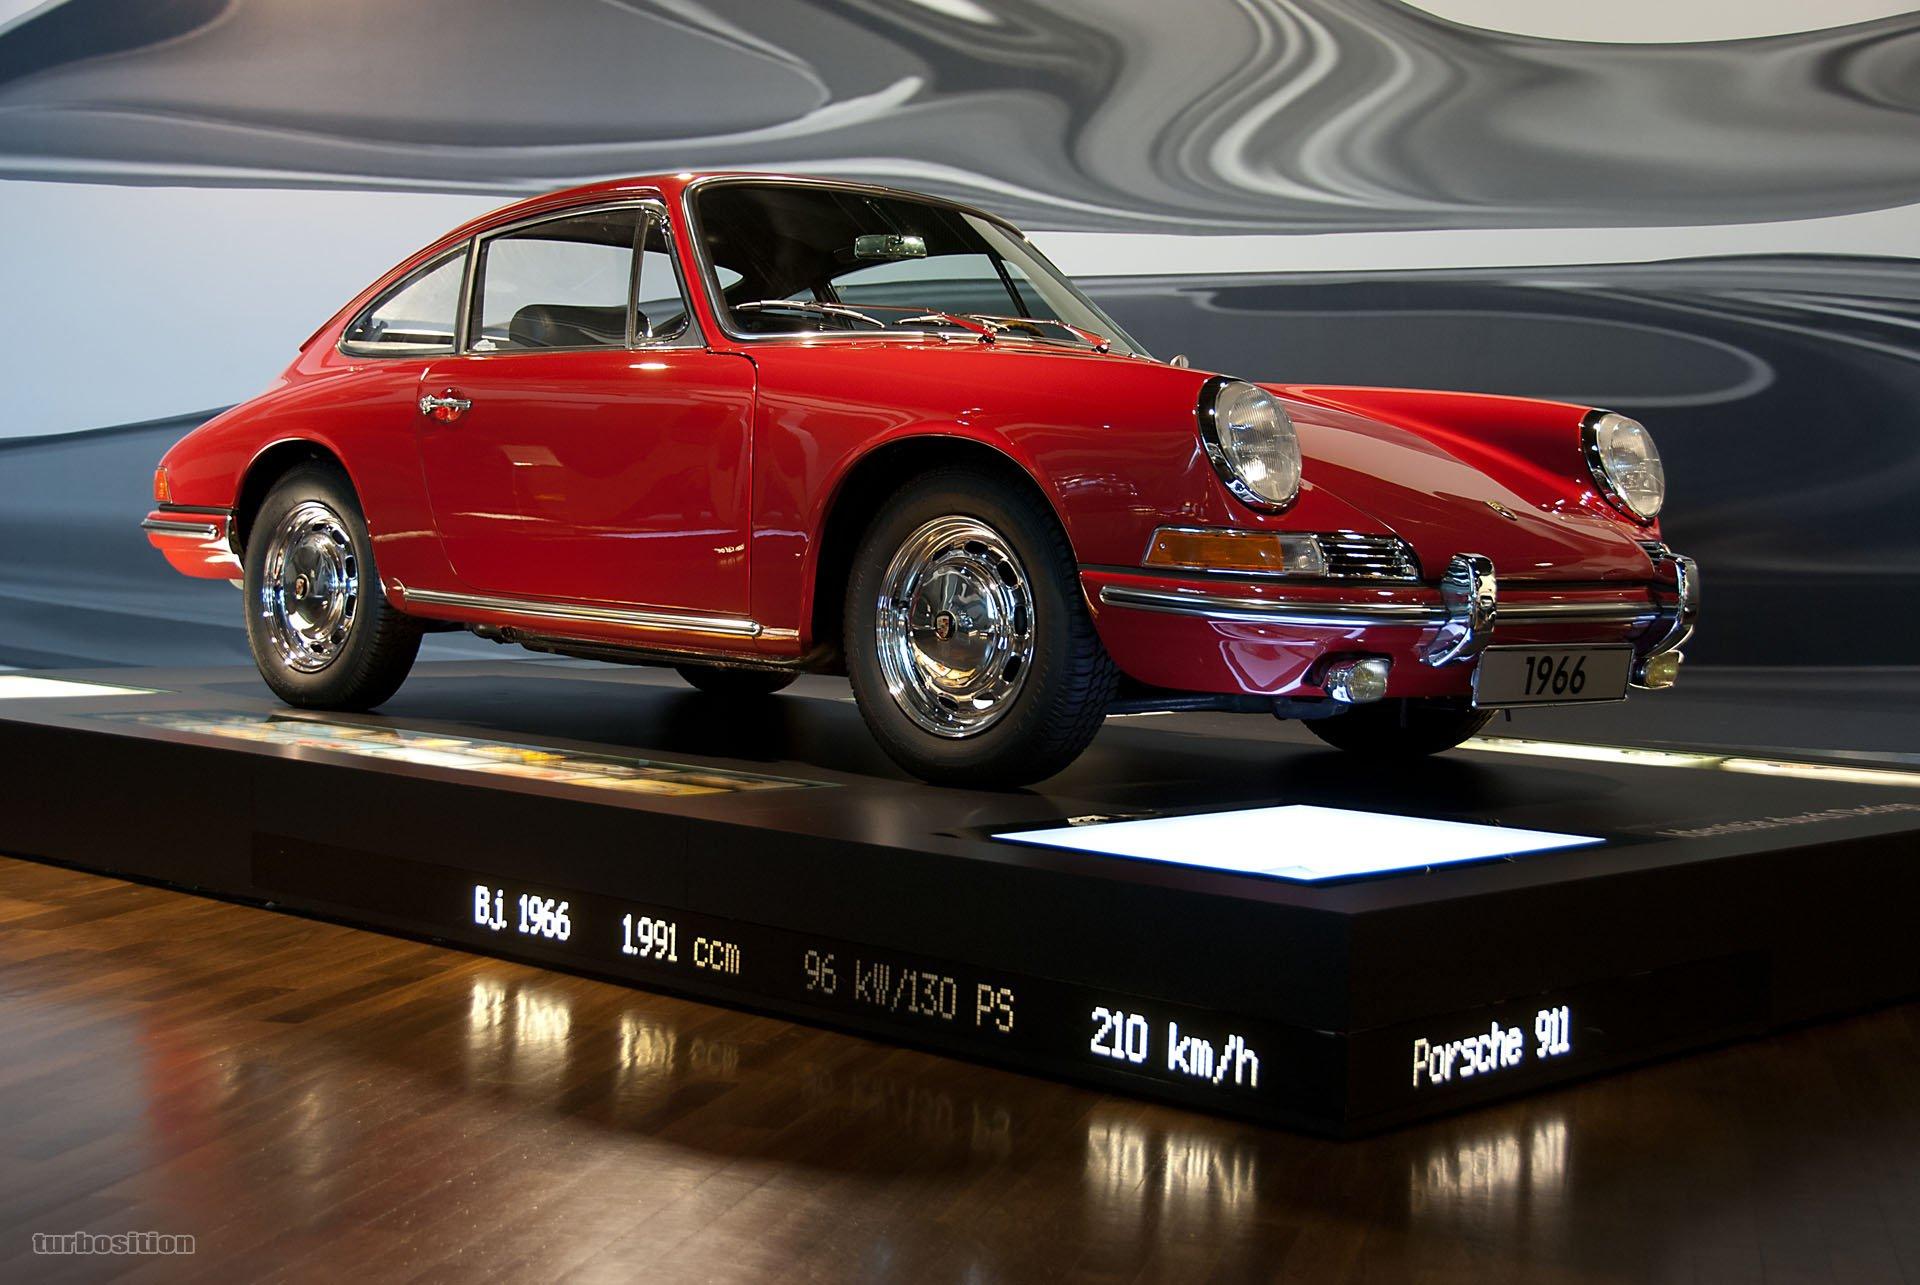 Porsche 911 - Baujahr 1966